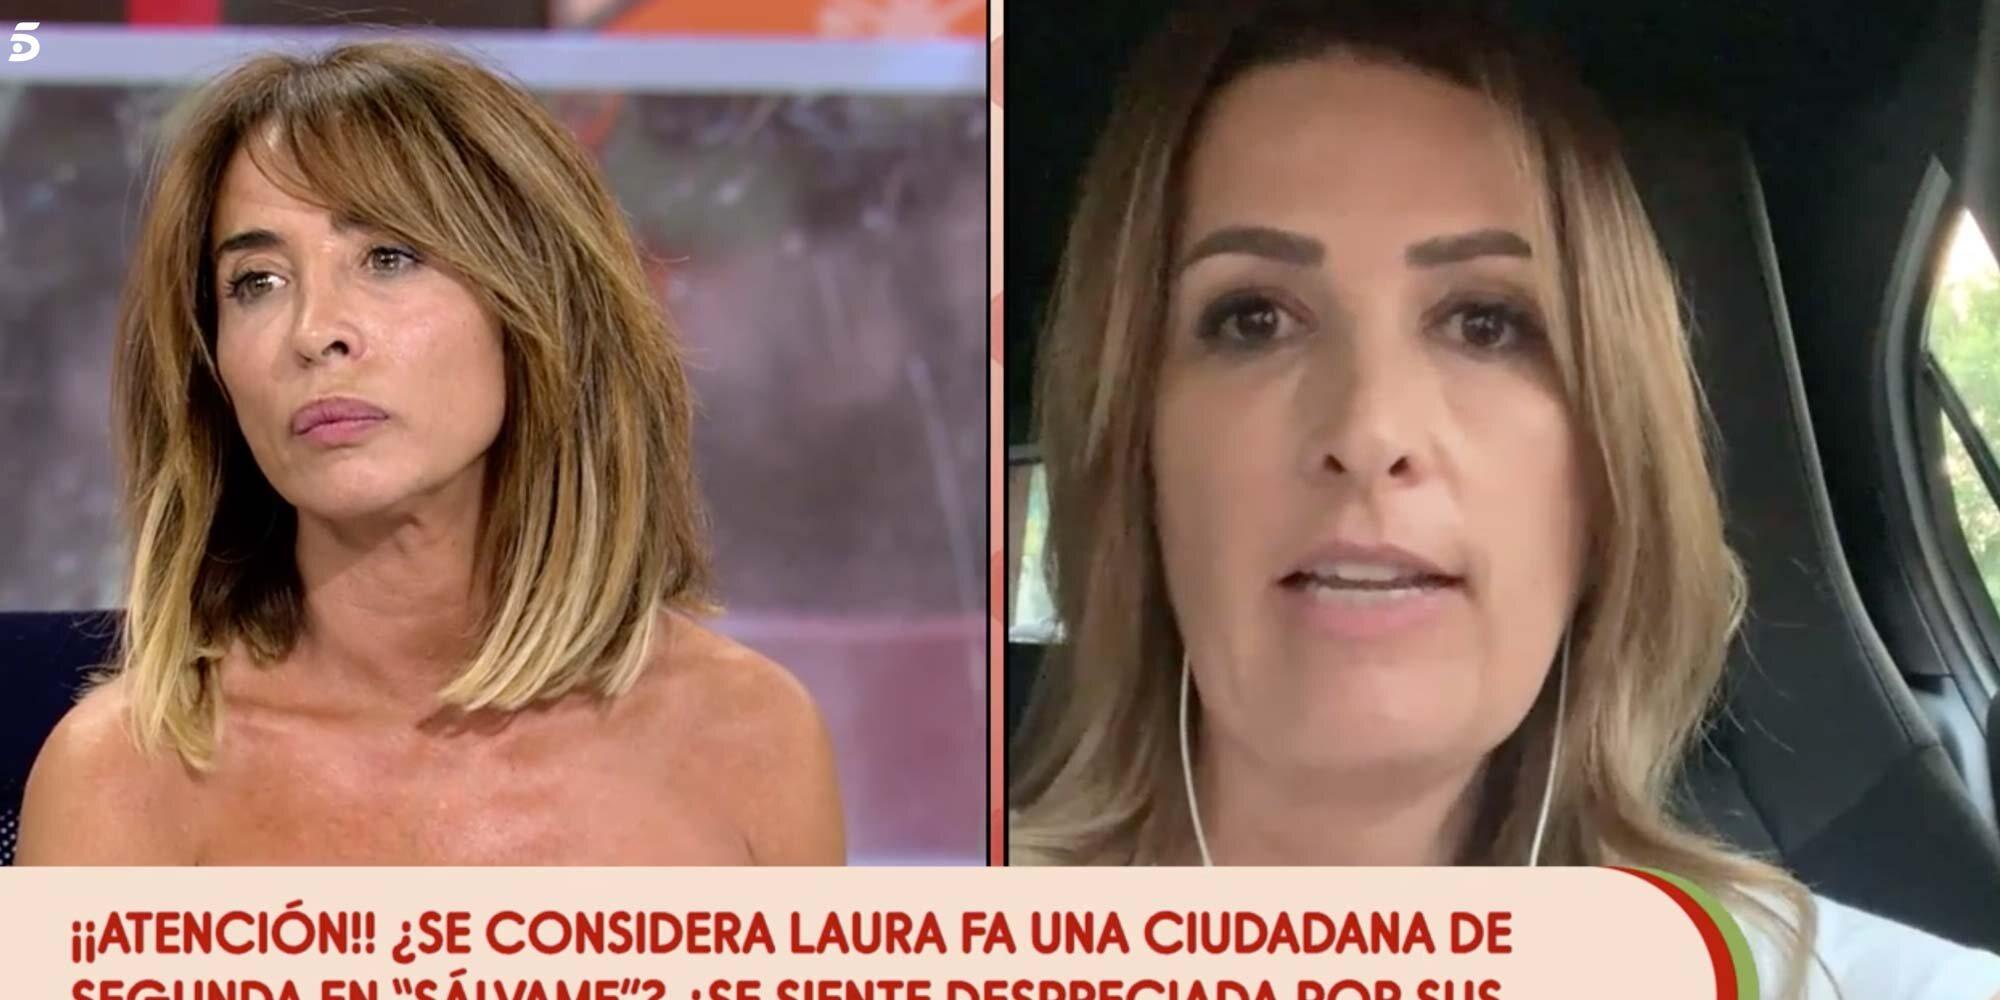 """María Patiño arremete contra Laura Fa: """"¡No soy una mujer que defienda a los maltratadores, no lo soy!"""""""